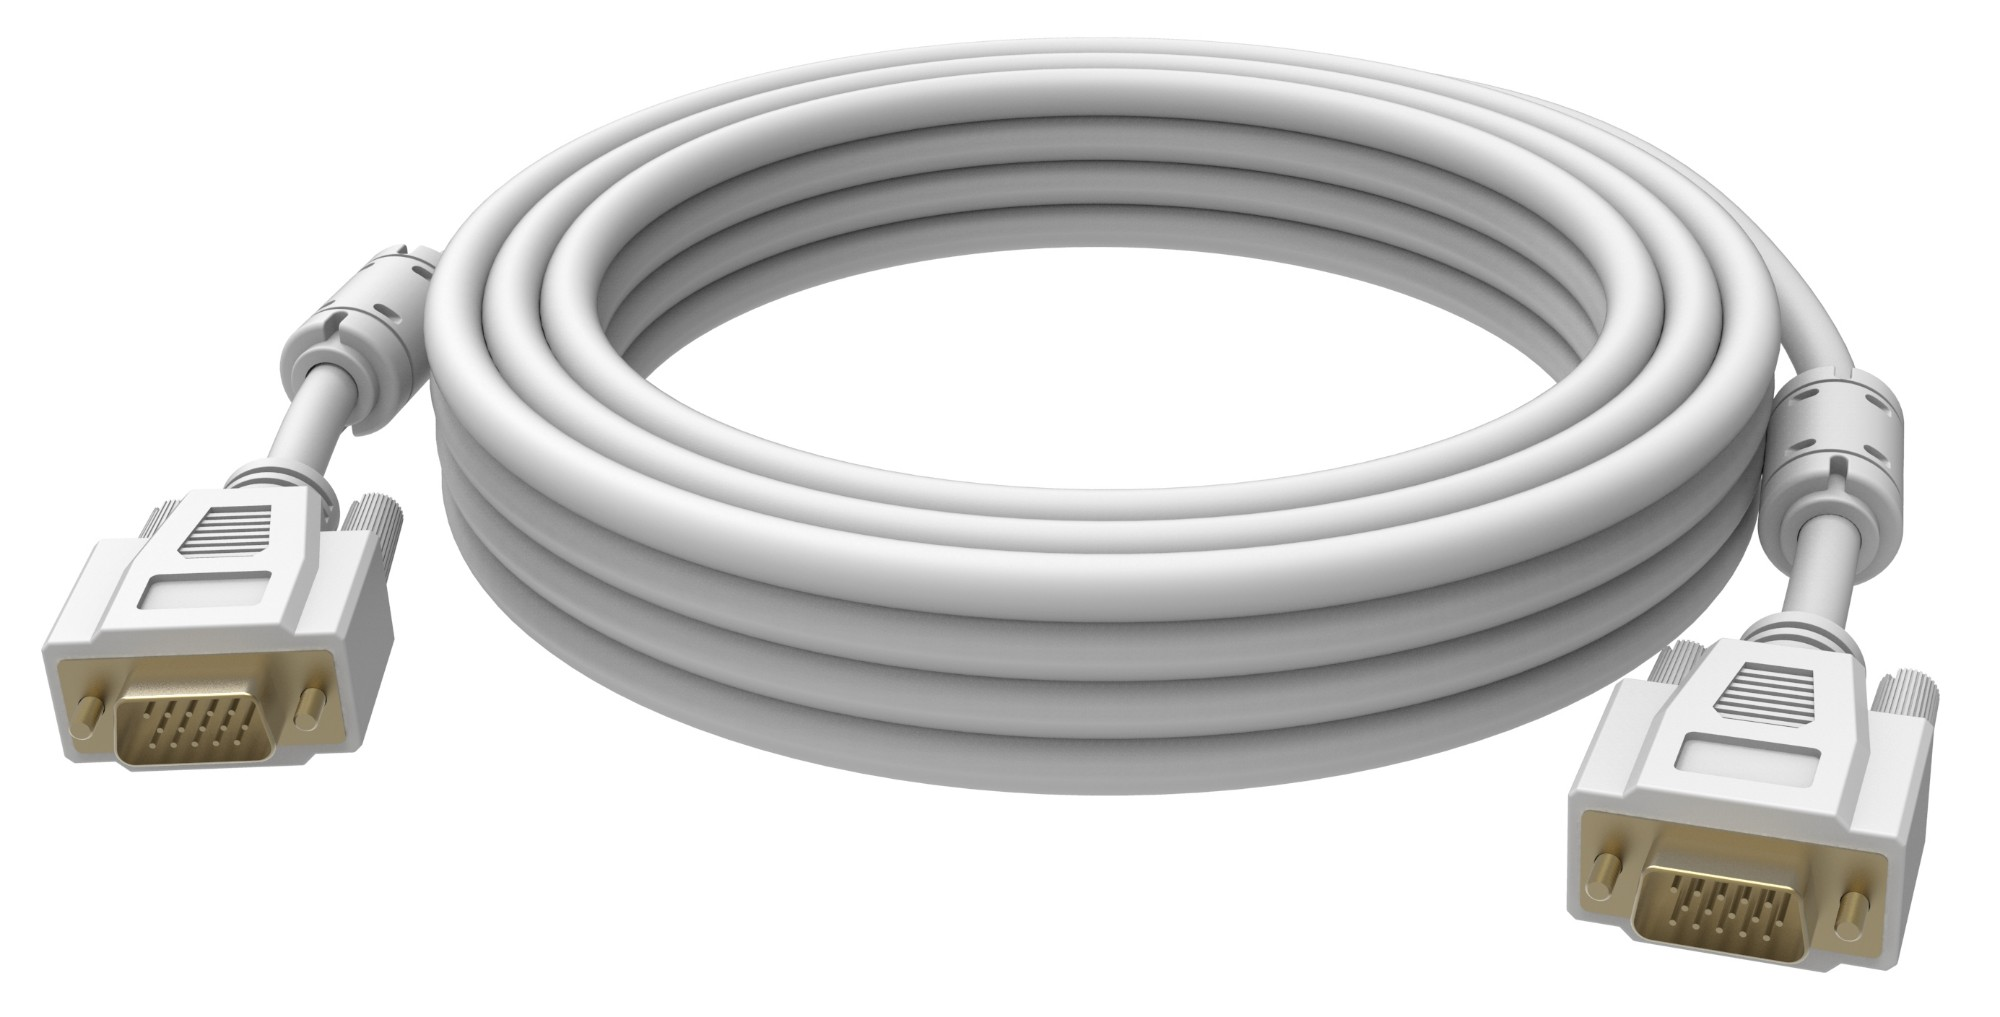 Vision 2x VGA 15-pin D-Sub, 20m VGA cable VGA (D-Sub) White